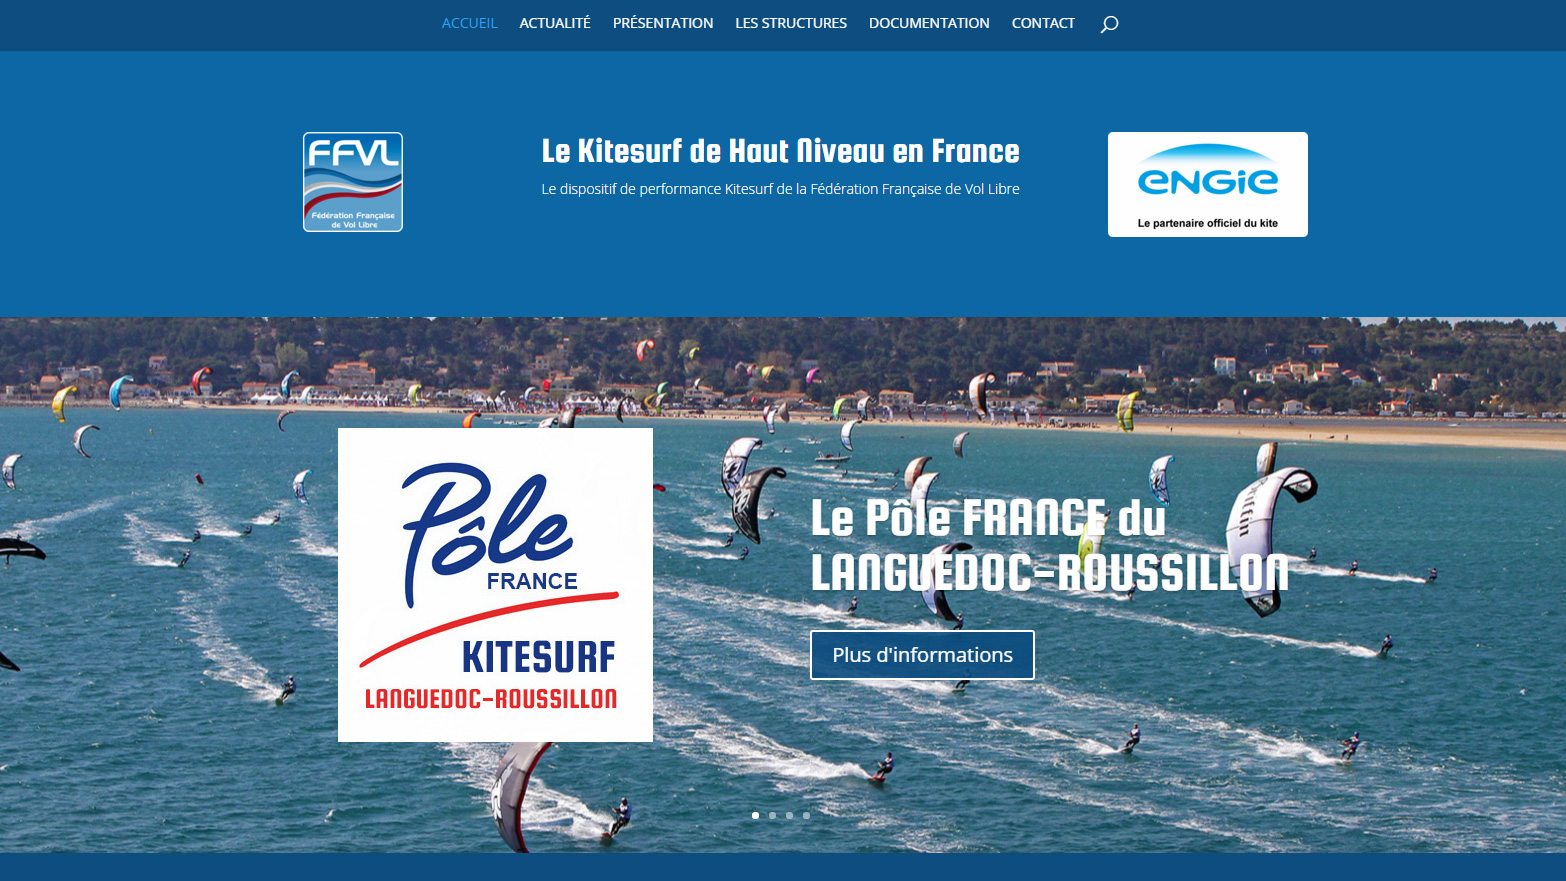 Site-Kitesurf-Haut-Niveau